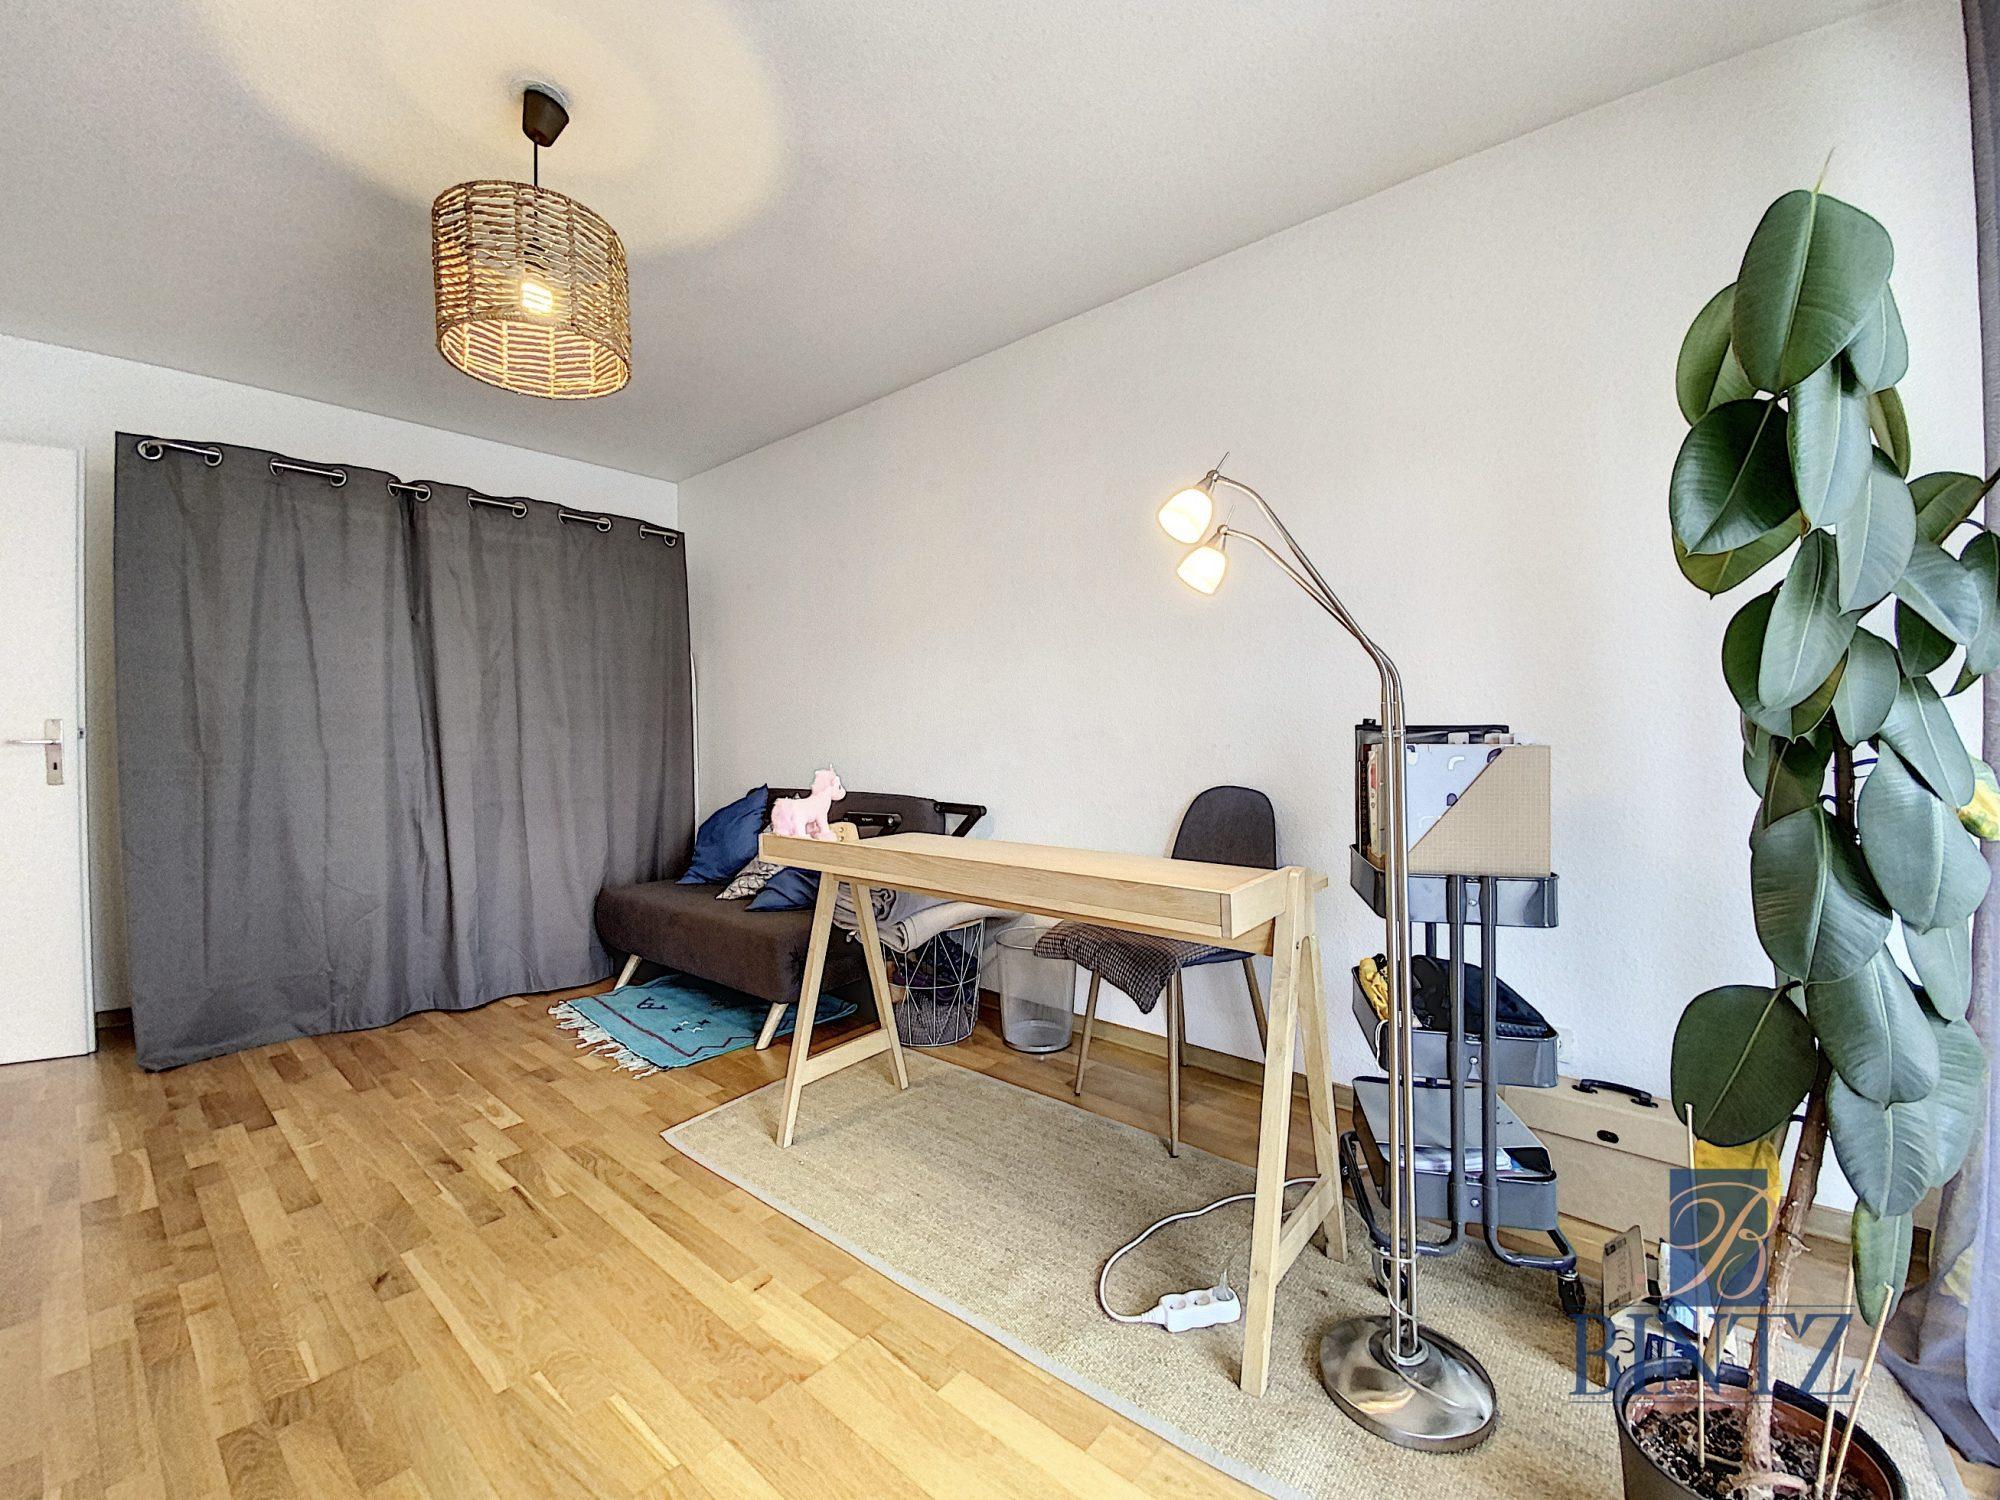 3 PIÈCES NEUSTADT AVEC GARAGE - Devenez locataire en toute sérénité - Bintz Immobilier - 9